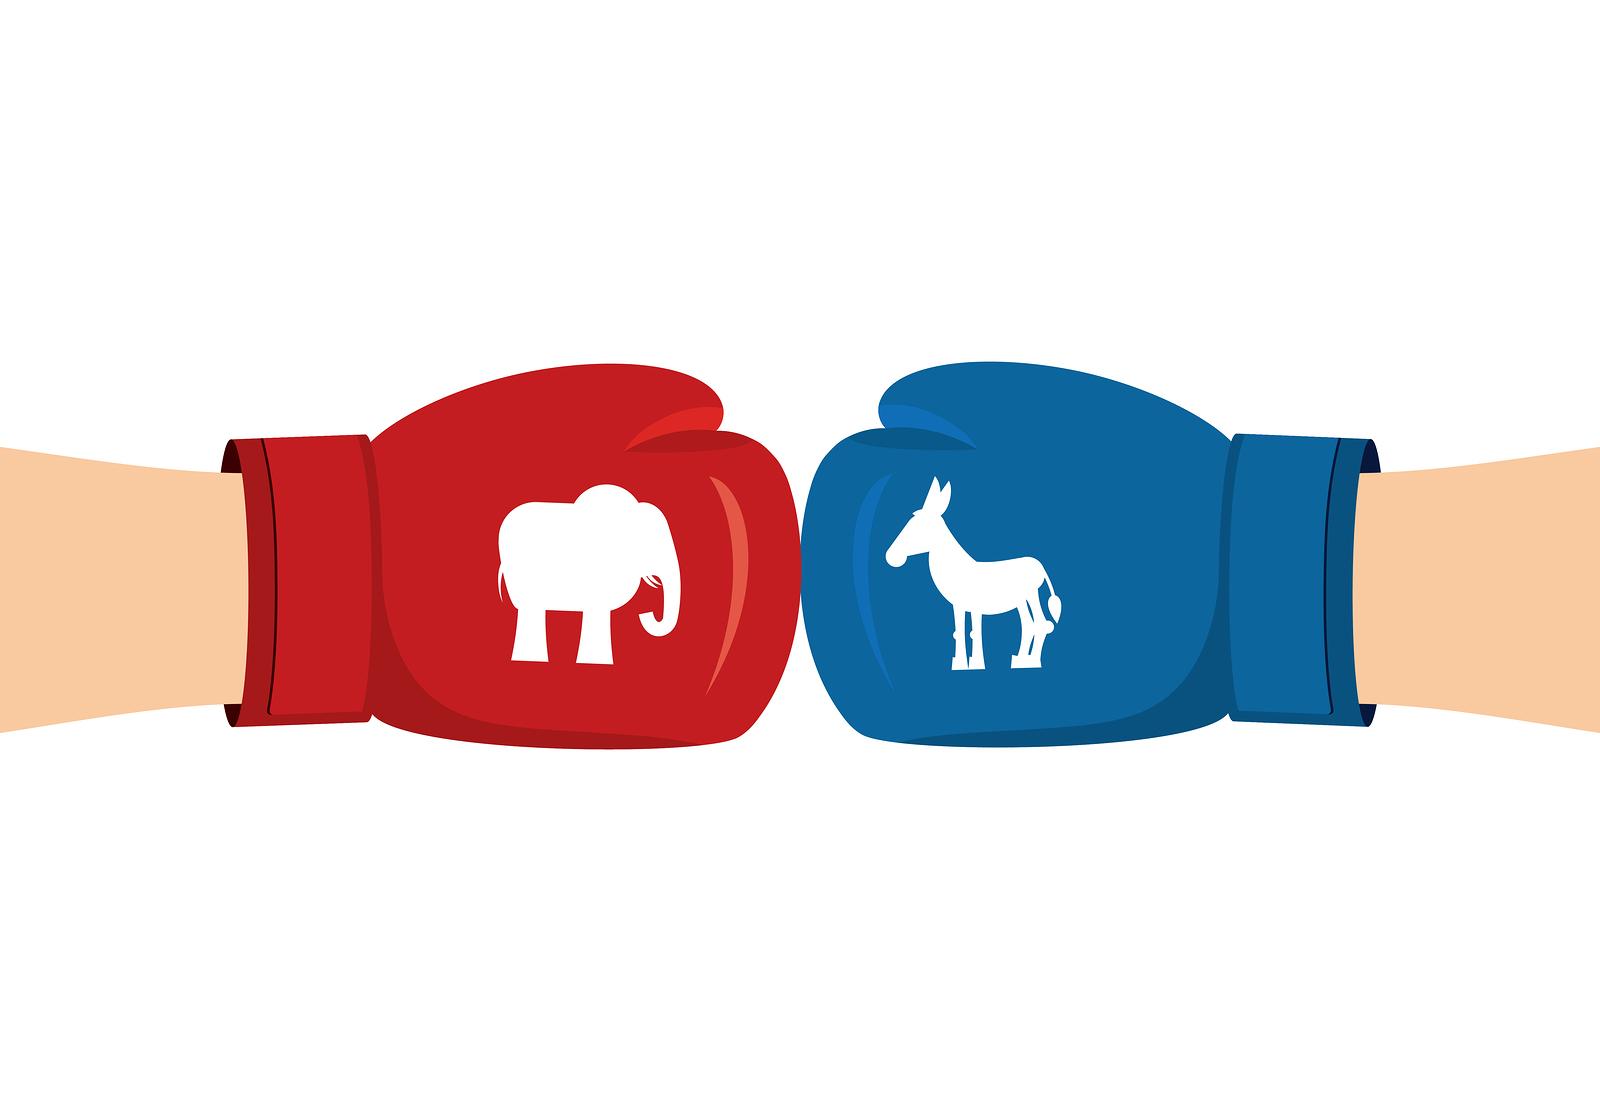 Elephant And Donkey Boxing Gloves Symbols Of Usa Political Part